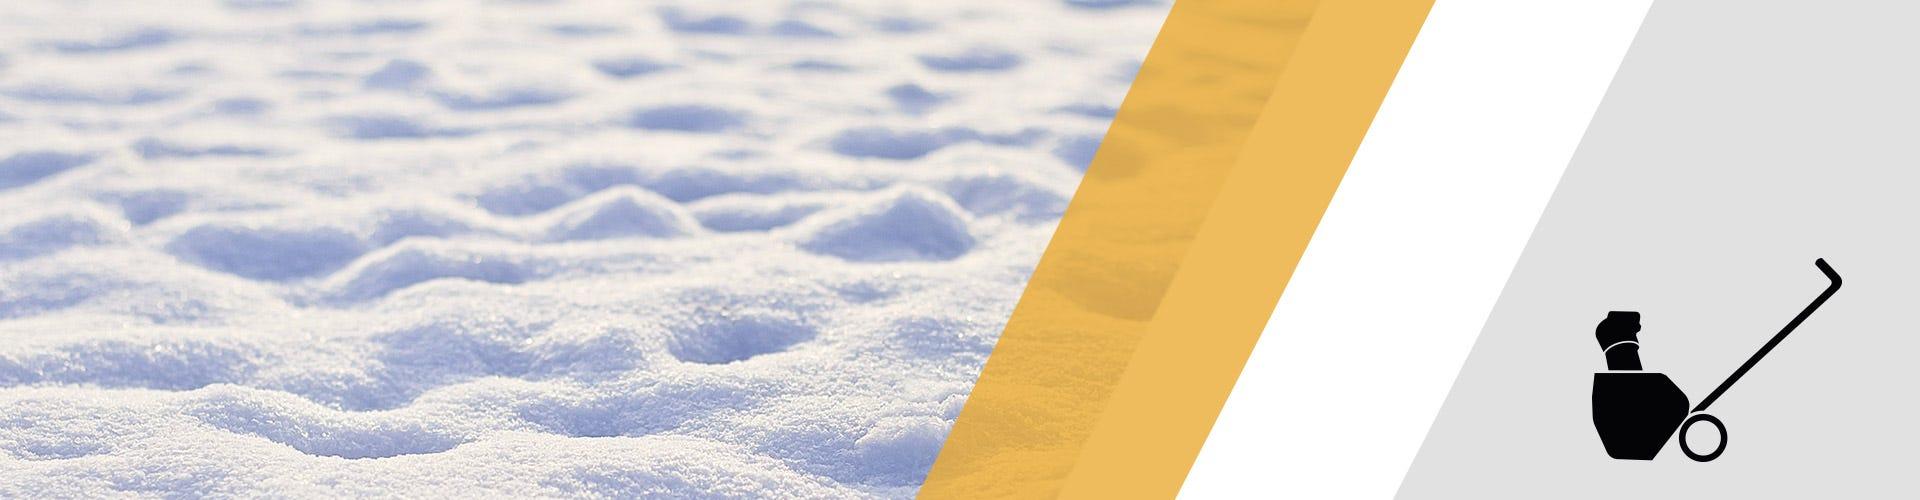 Sähkökäyttöiset lumilingot